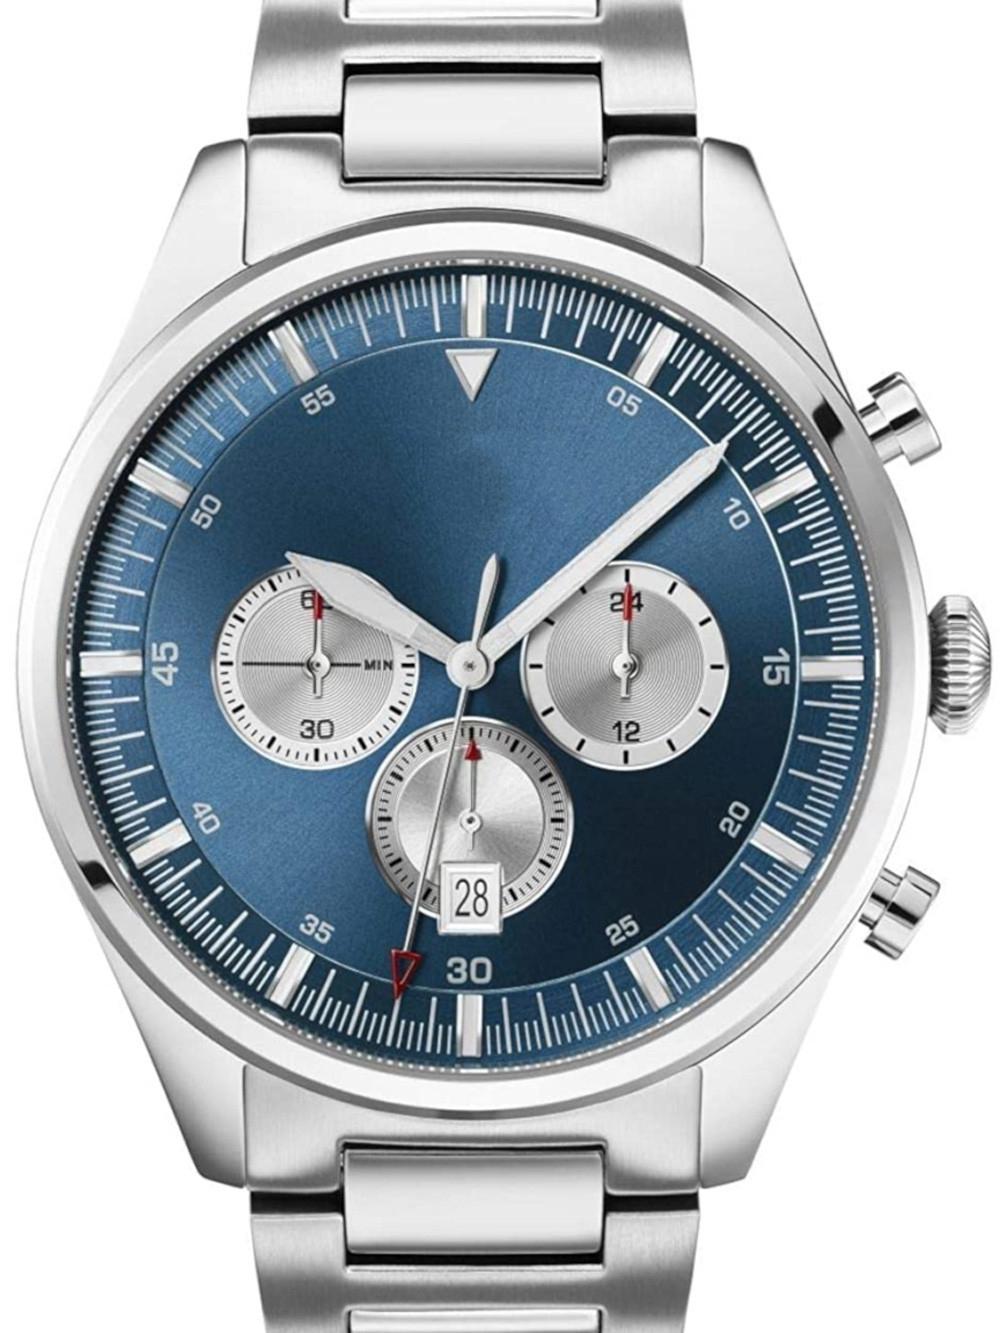 2019 Mens orologio al quarzo Cronografo Display e cinturino in acciaio 1.513.713